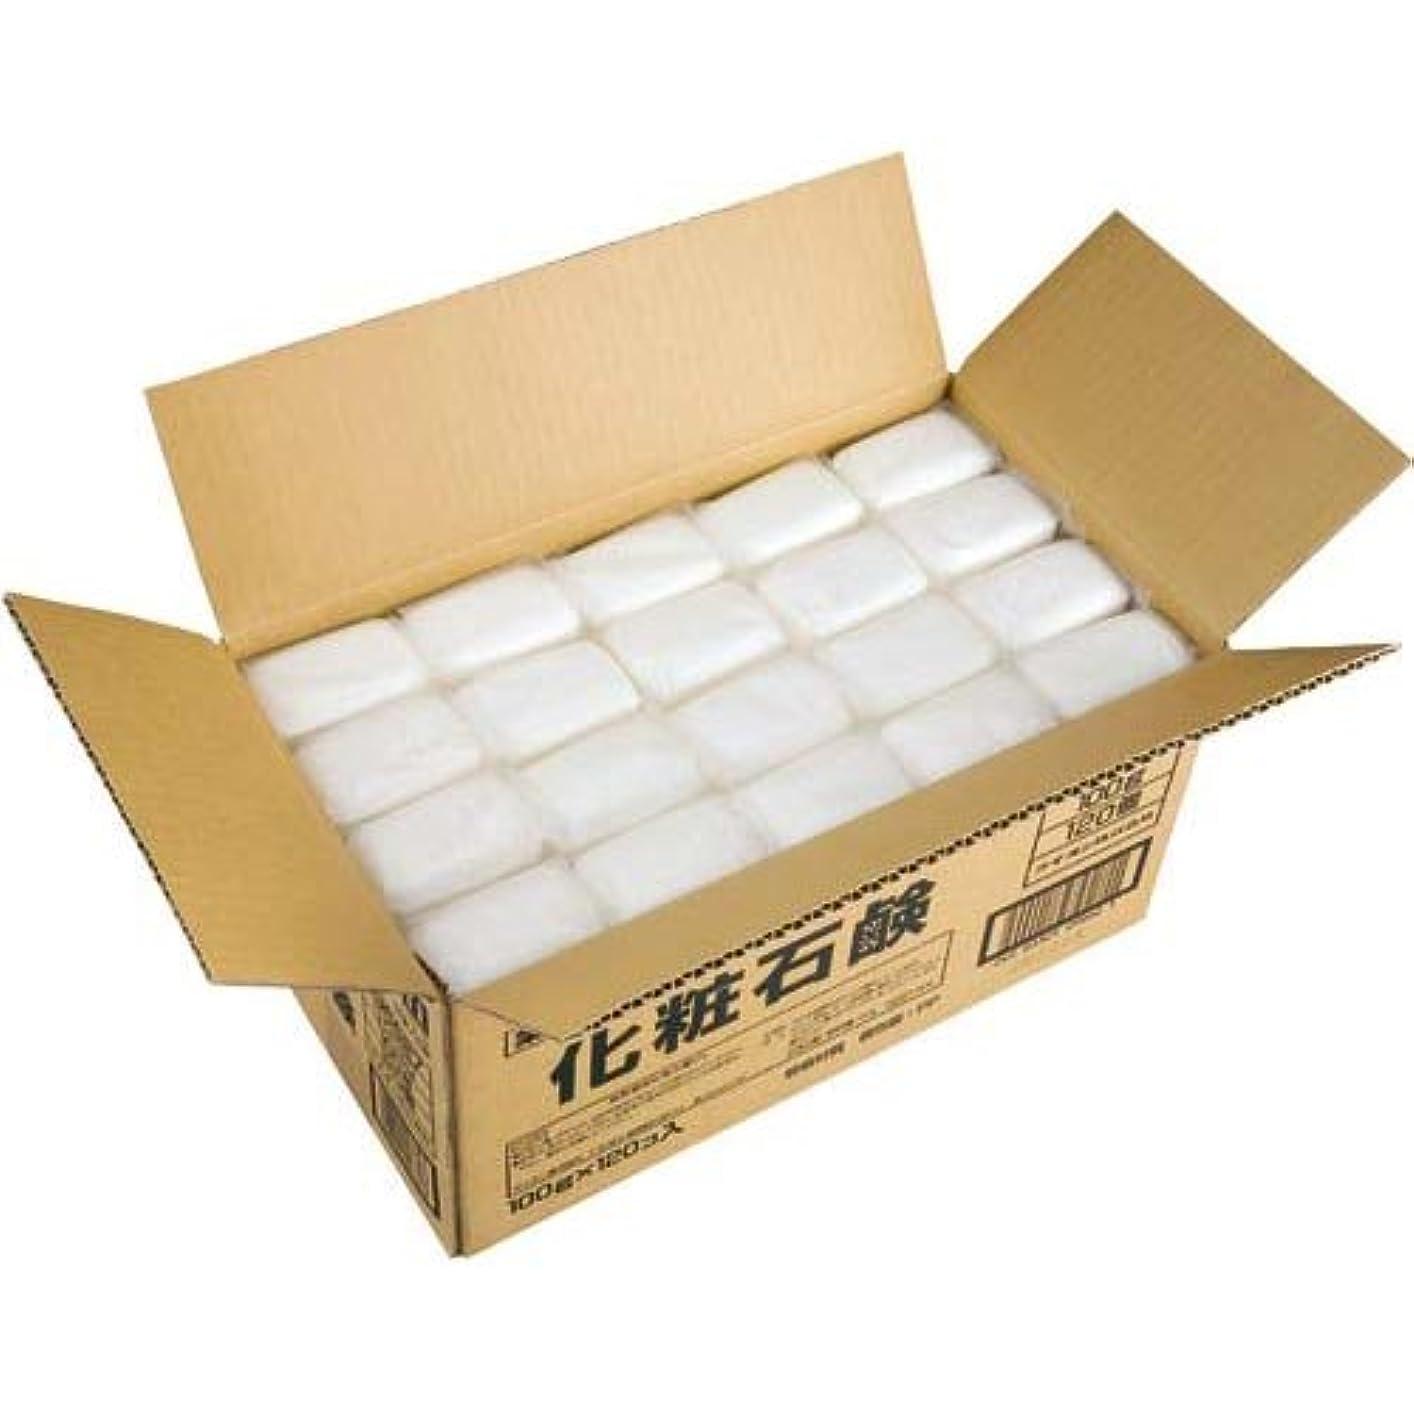 安心あるアーティファクトライオン 植物物語 化粧石鹸 (100g×120入)